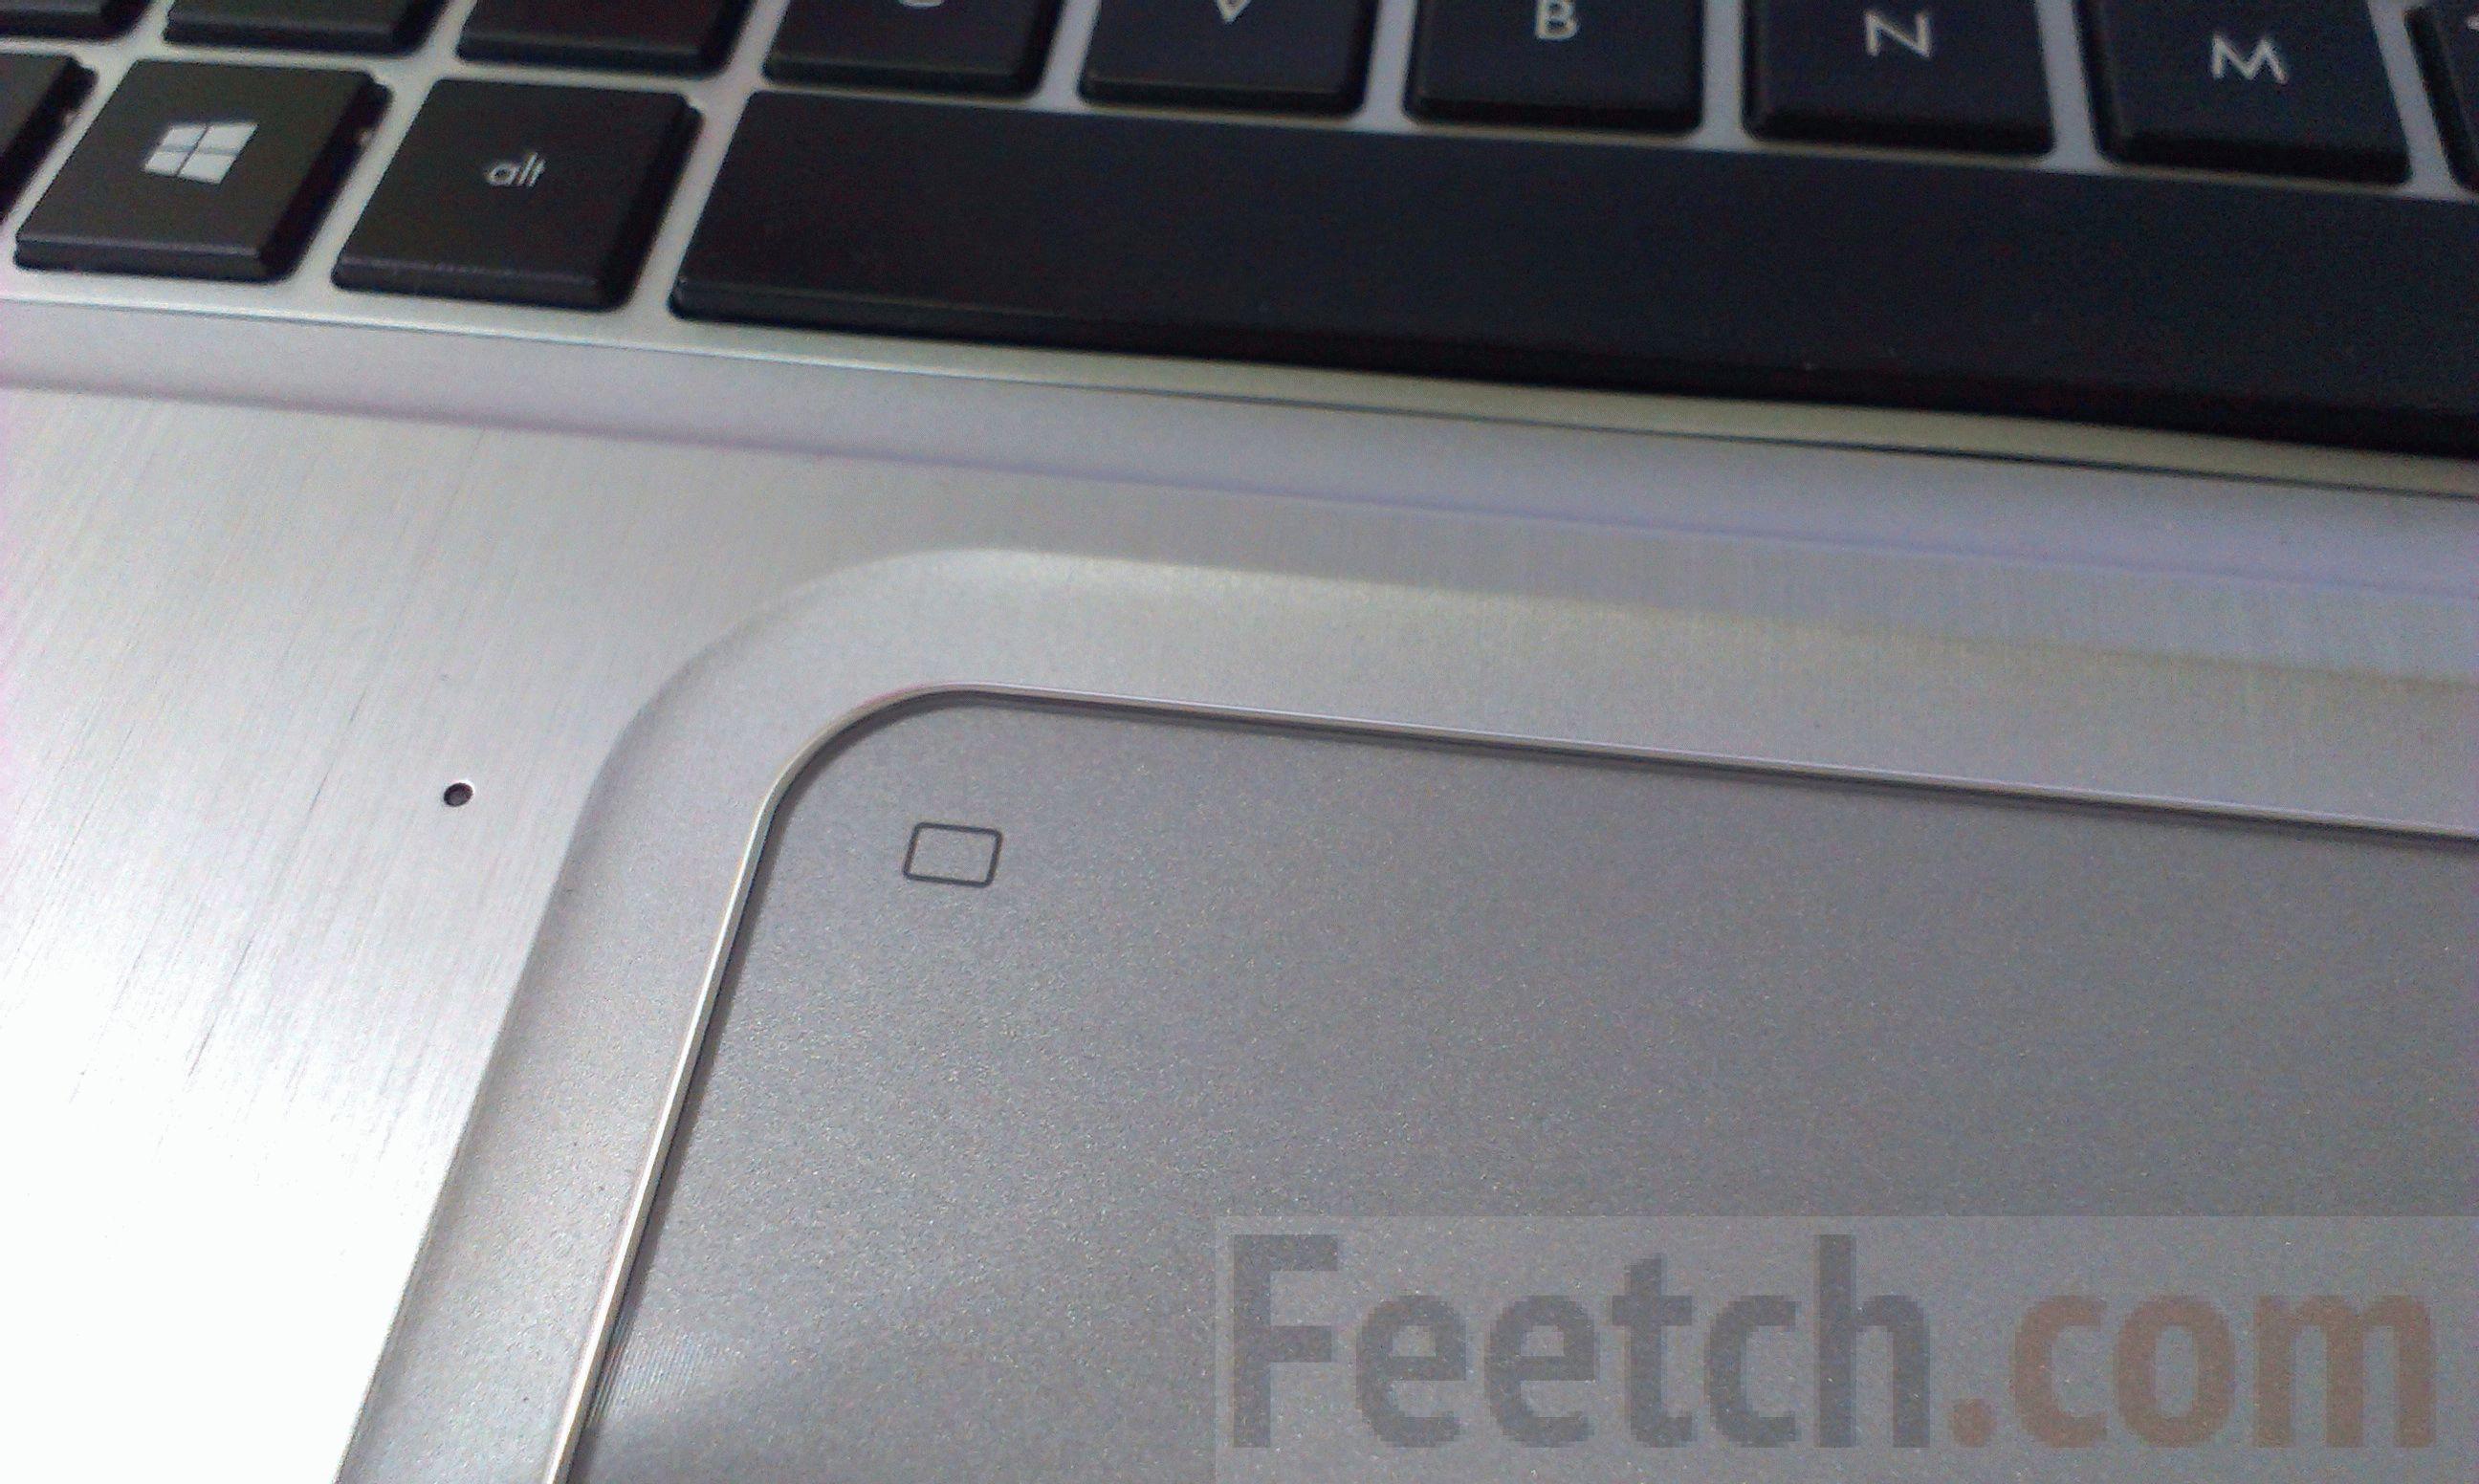 Почему не включается экран на ноутбуке? 20